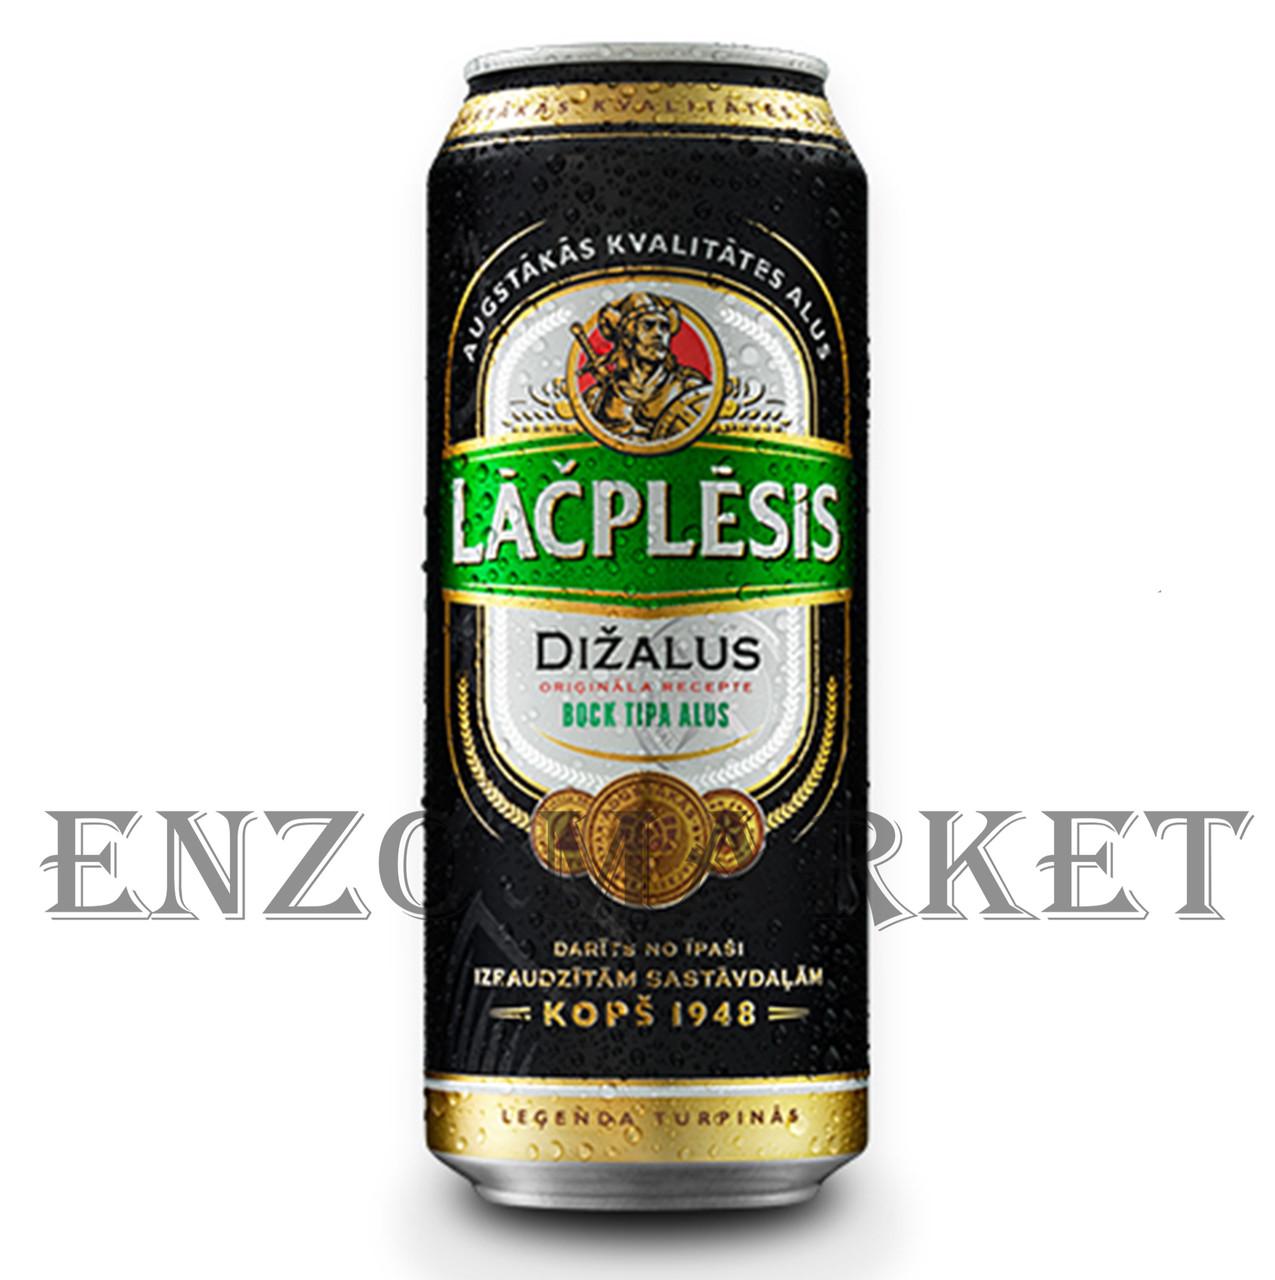 Пиво Lacplesis Dizalus, 0,5 литра